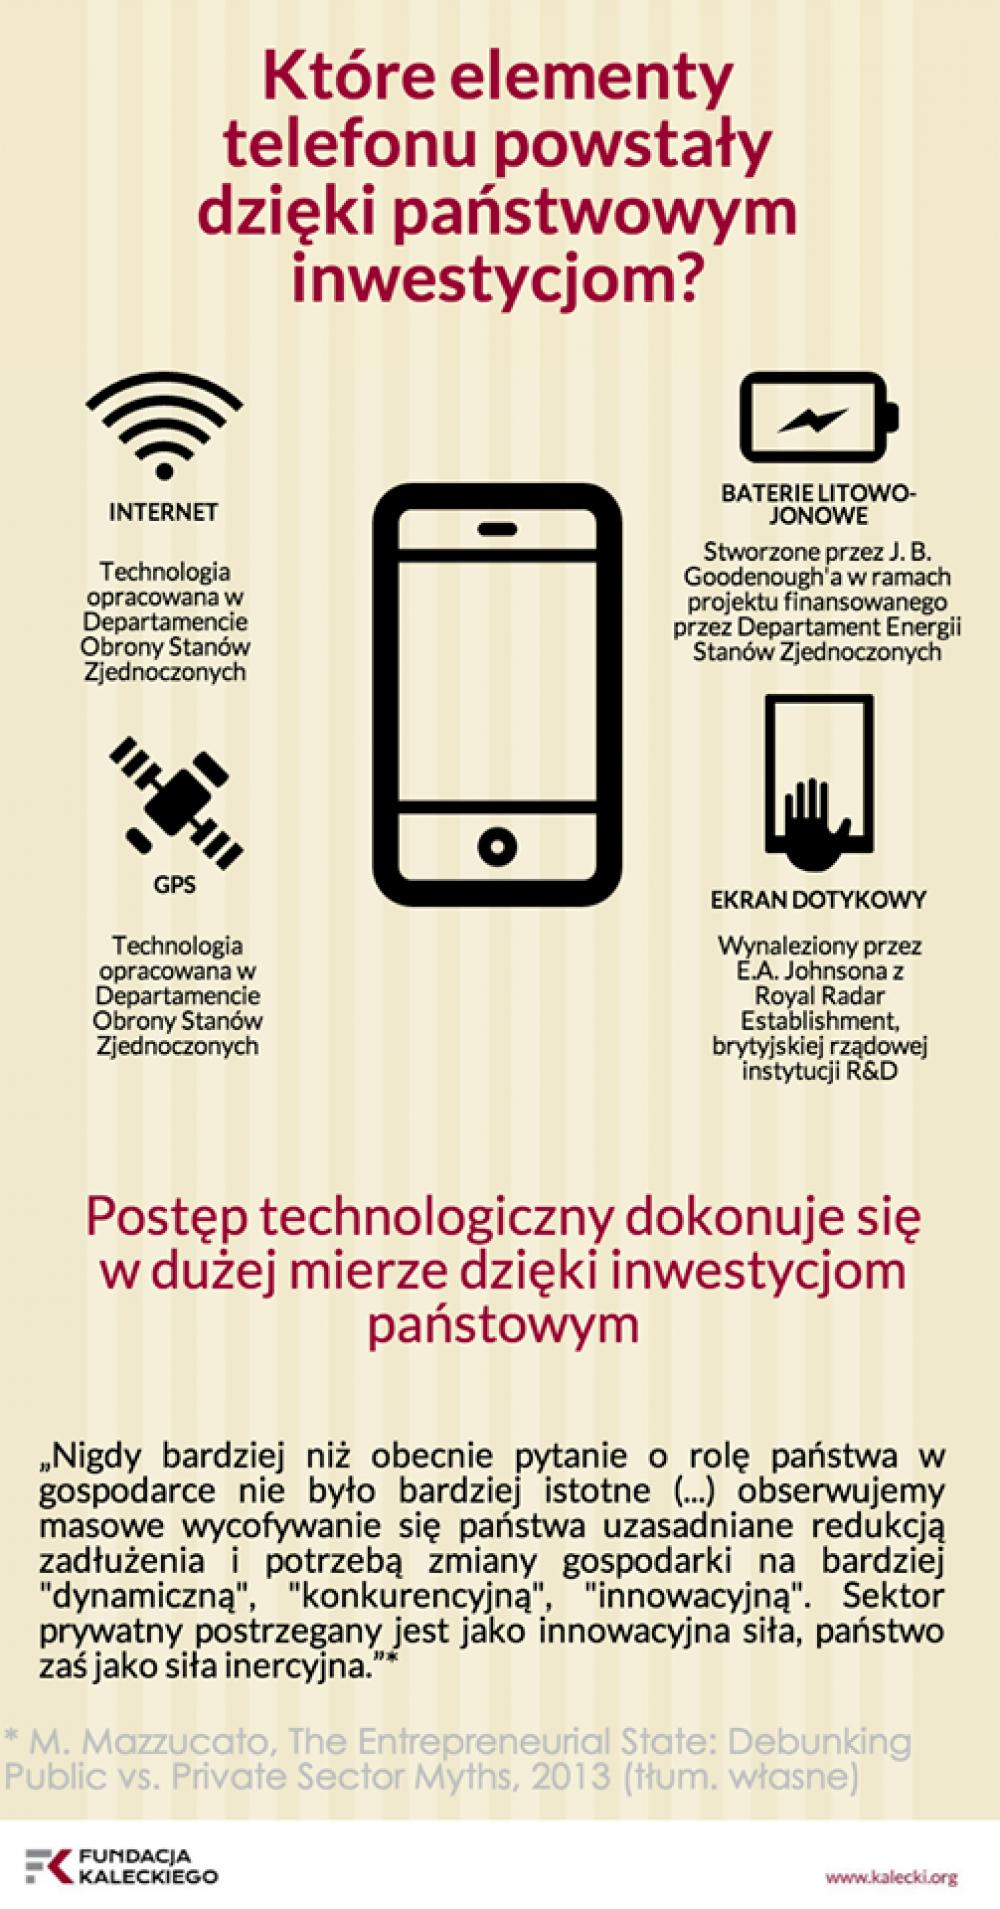 Które elementy twojego telefonu powstały dzięki państwowym inwestycjom